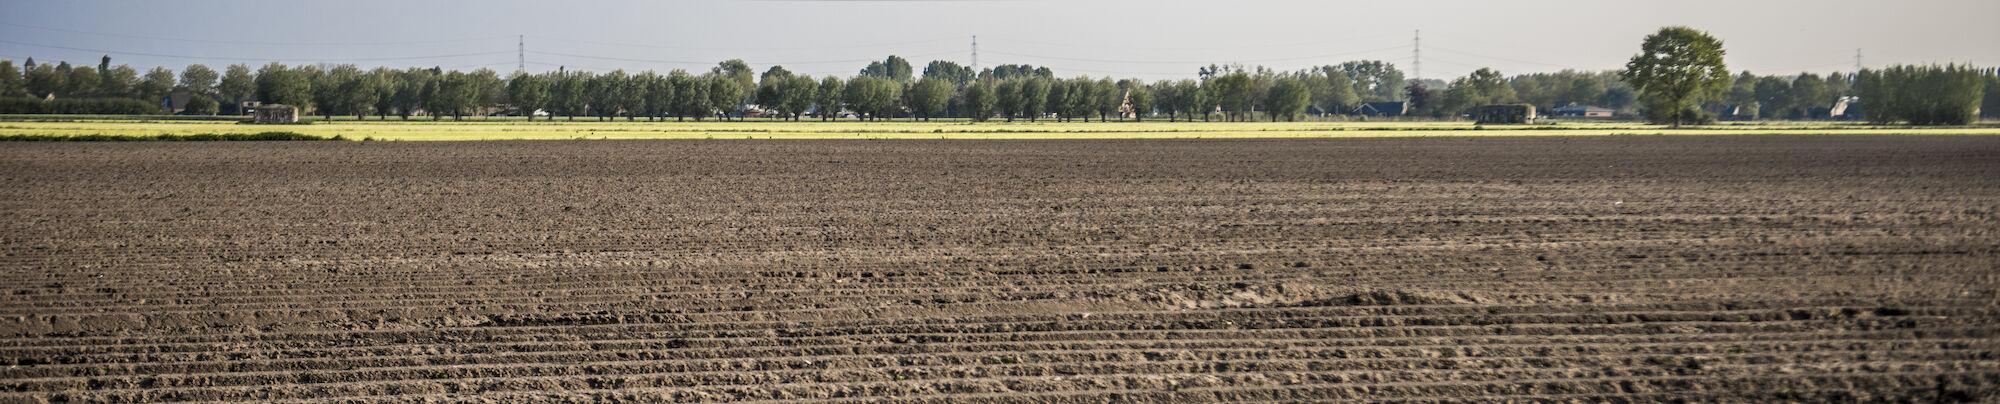 170510 bunkers Hollandstellung 00022.jpg